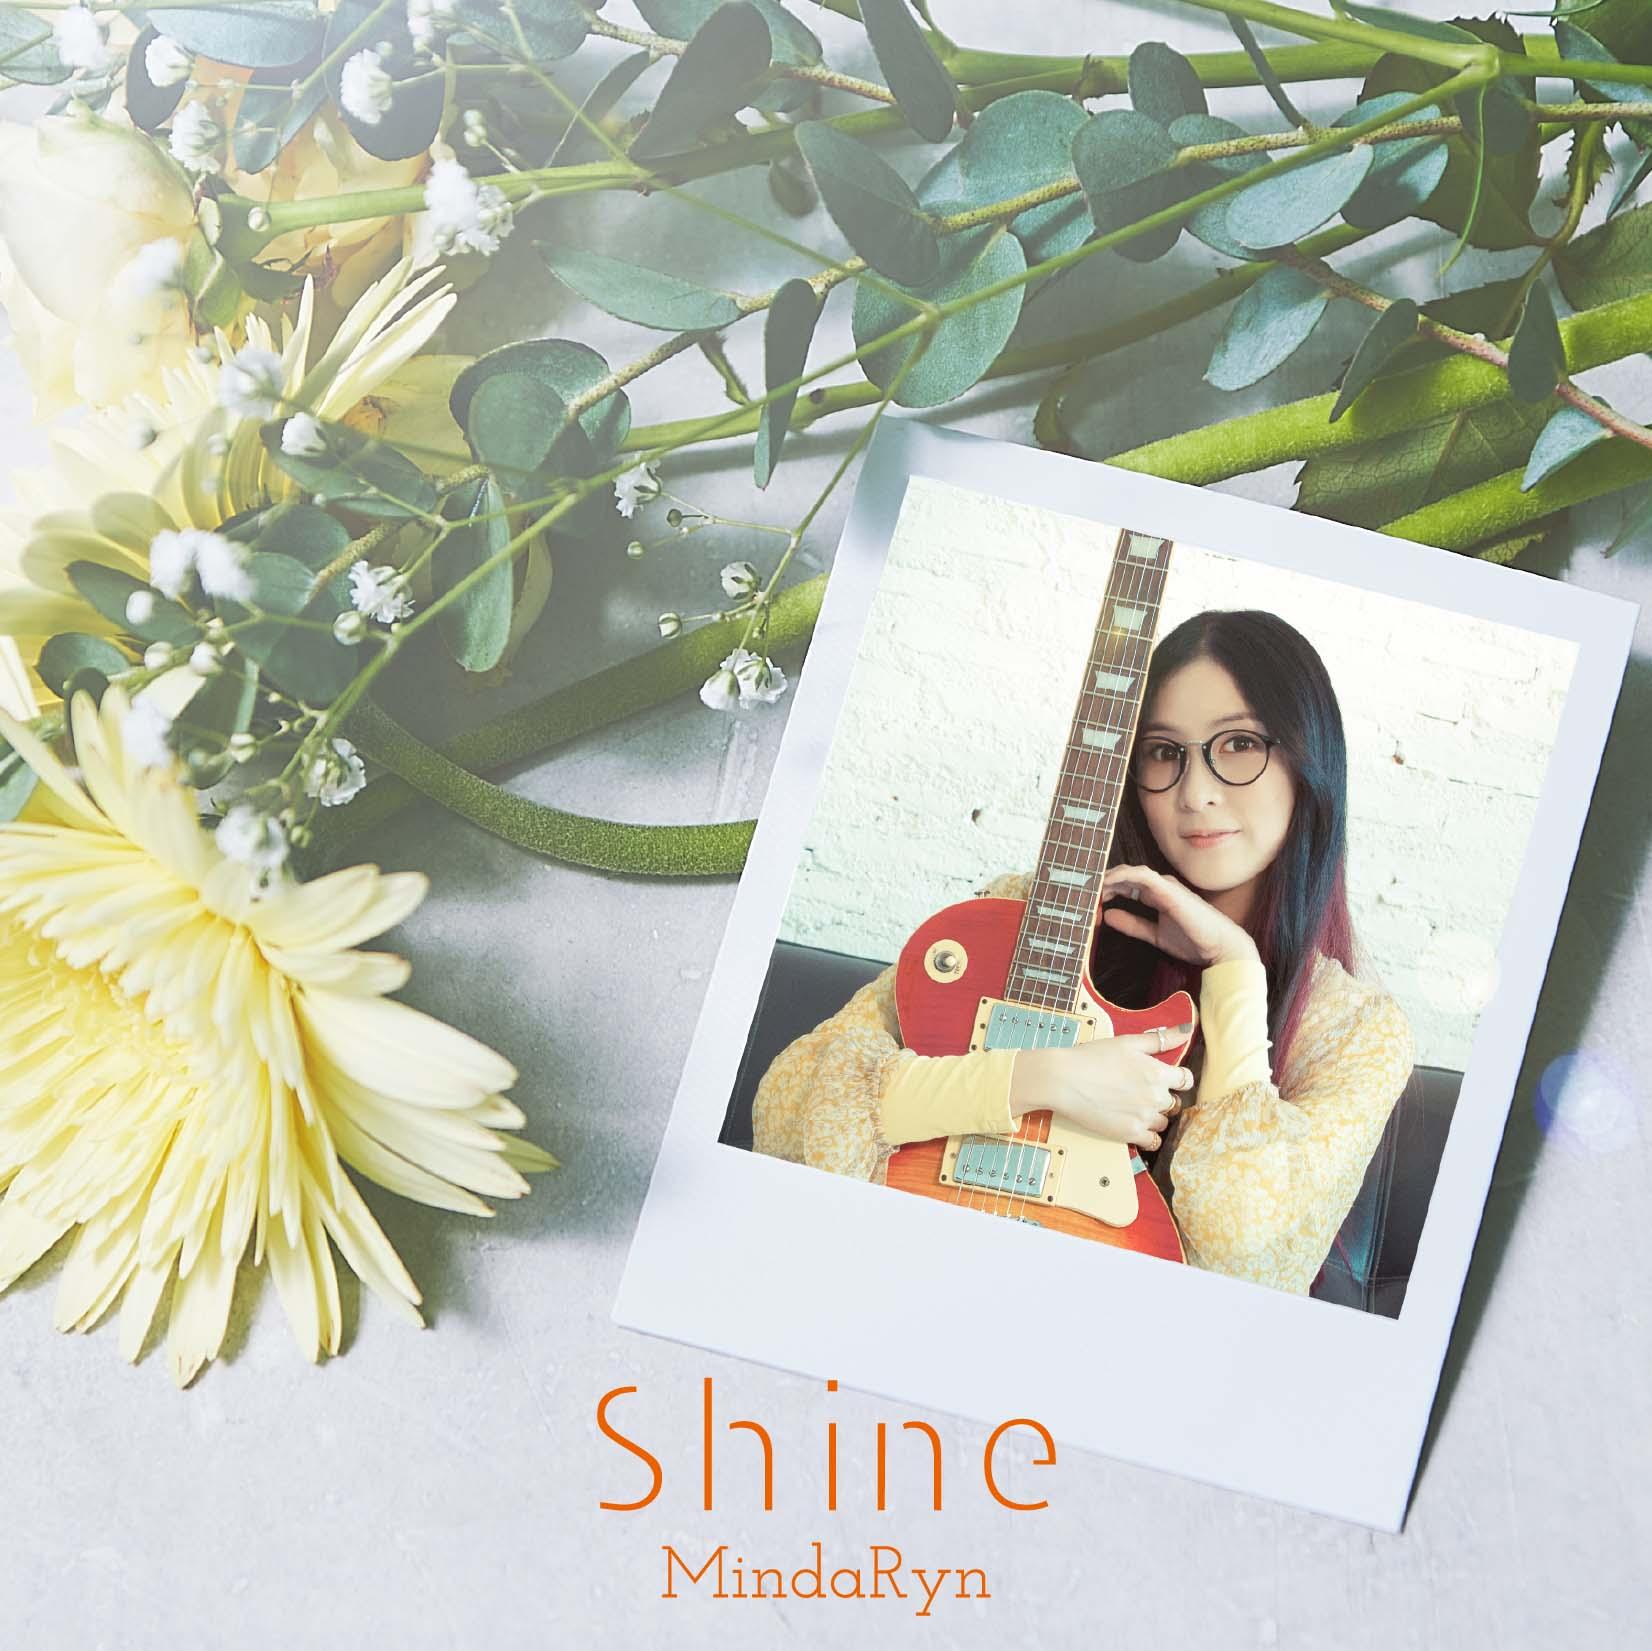 MindaRyn 3rd Single TVアニメ『サクガン』エンディングテーマ「Shine」先行配信 & Music Video プレミア公開決定!店舗購入特典内容も公開!